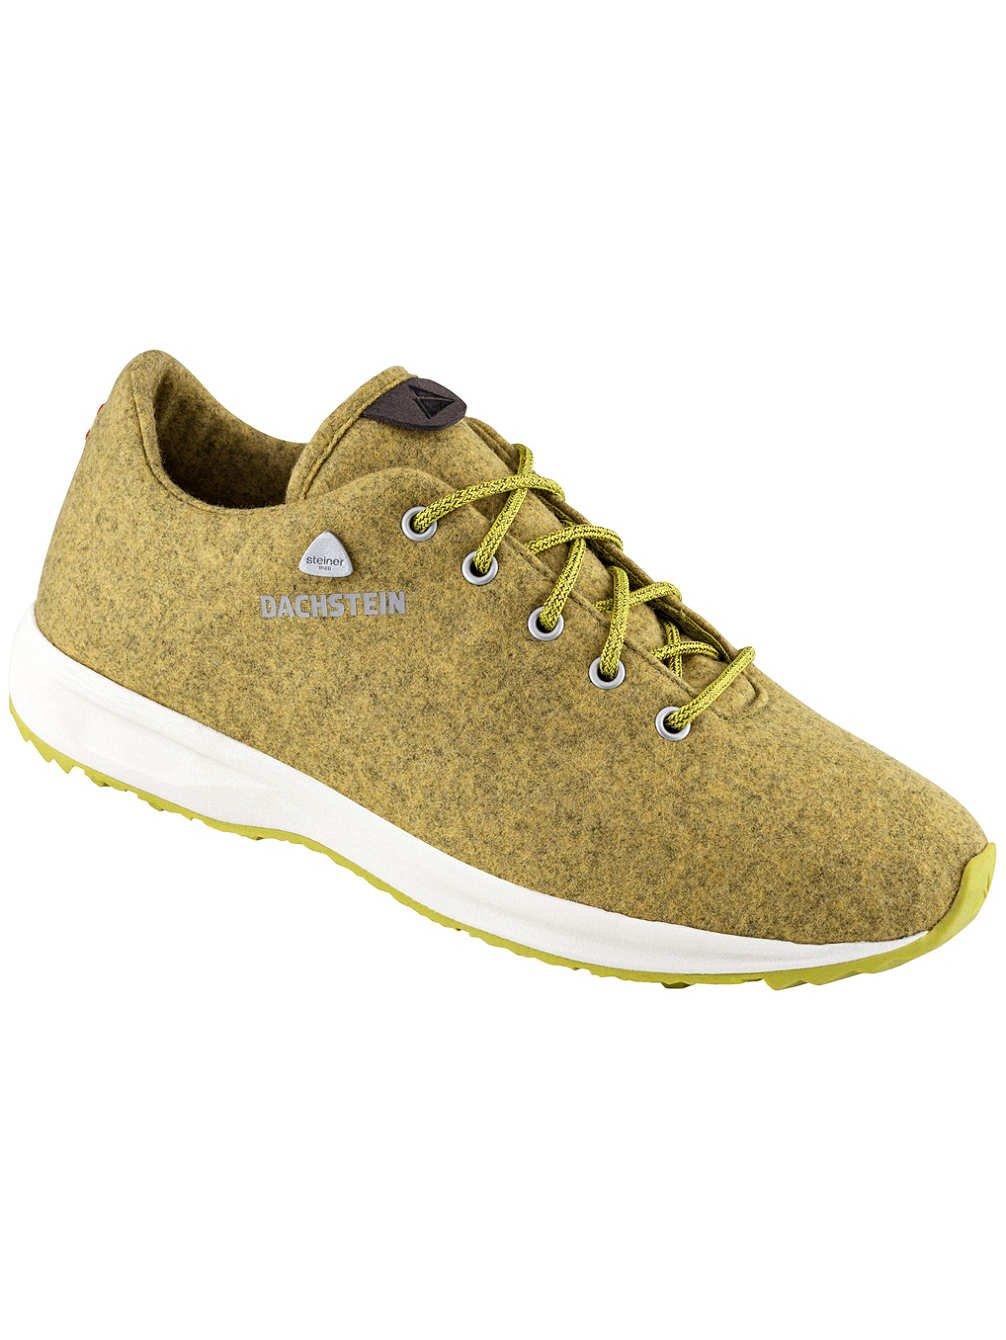 Damen Sneaker Dach-Steiner - 311815 (43, Grau) Dachstein Outdoor Gear